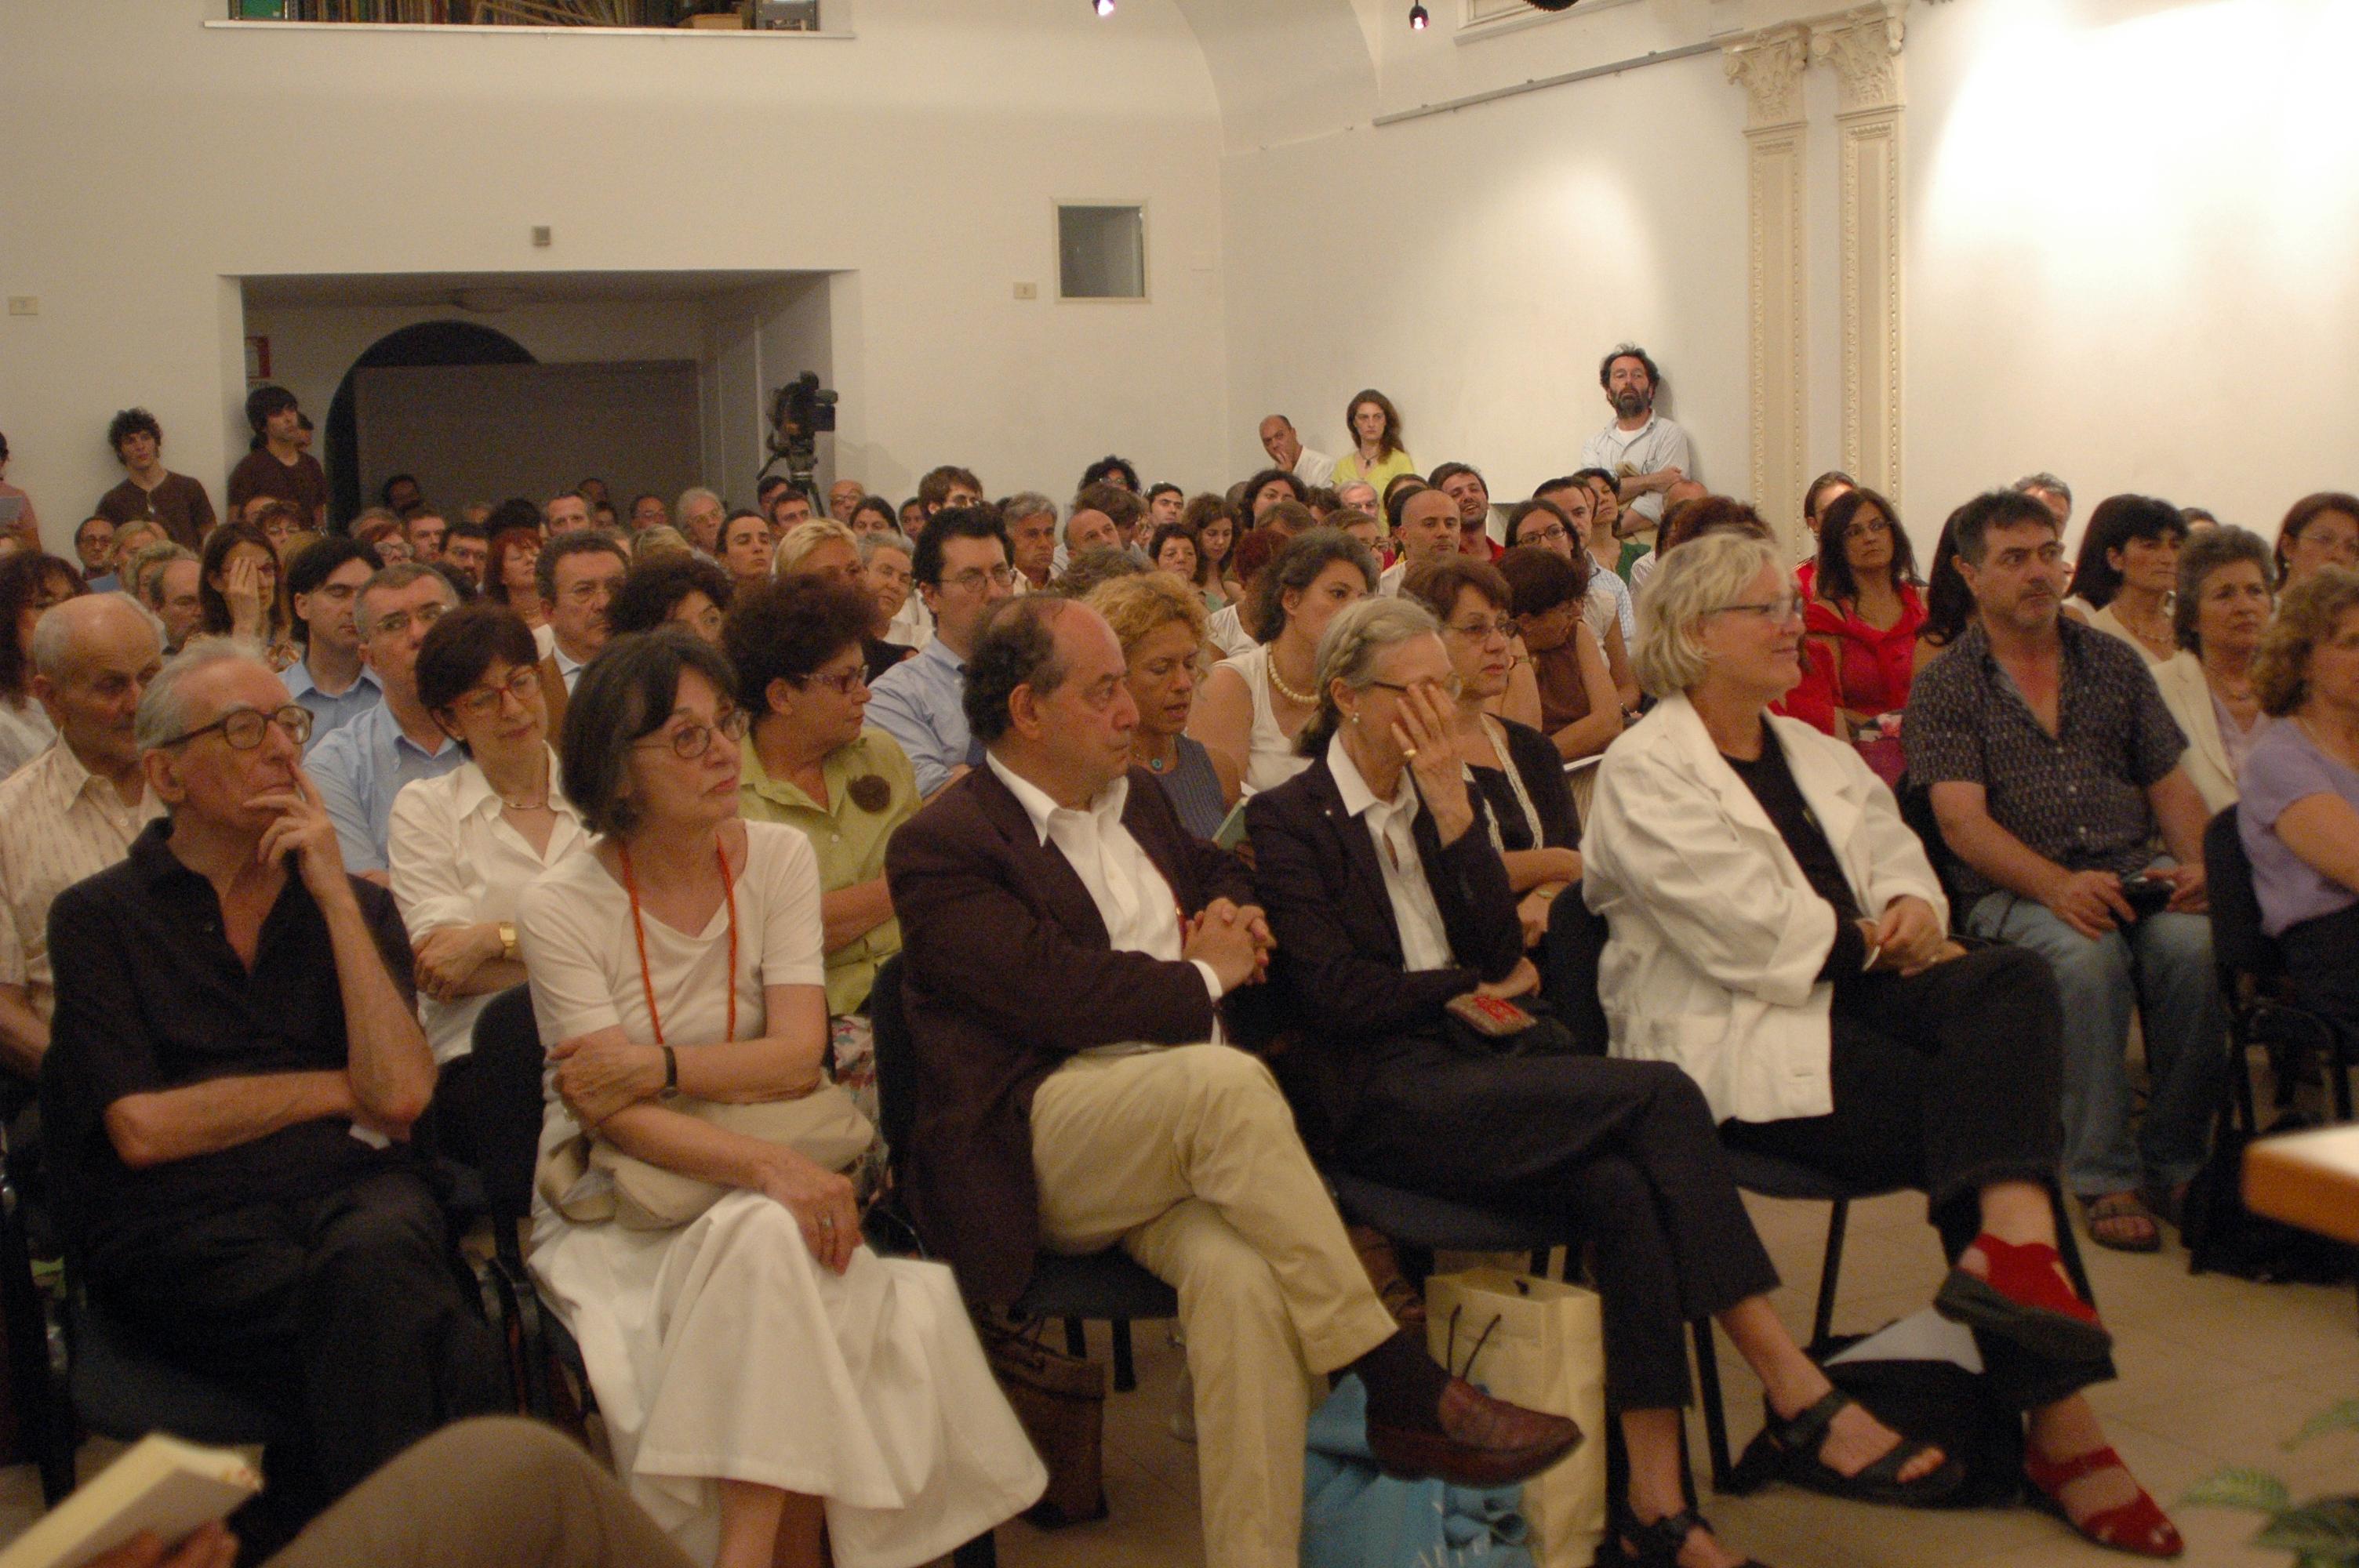 Franco Loi con la moglie Silvana al CMC - Incontro don Derek Walcot Premio Nobel Letteratura (a fianco Roberto Calasso, Fleur Jeggy)